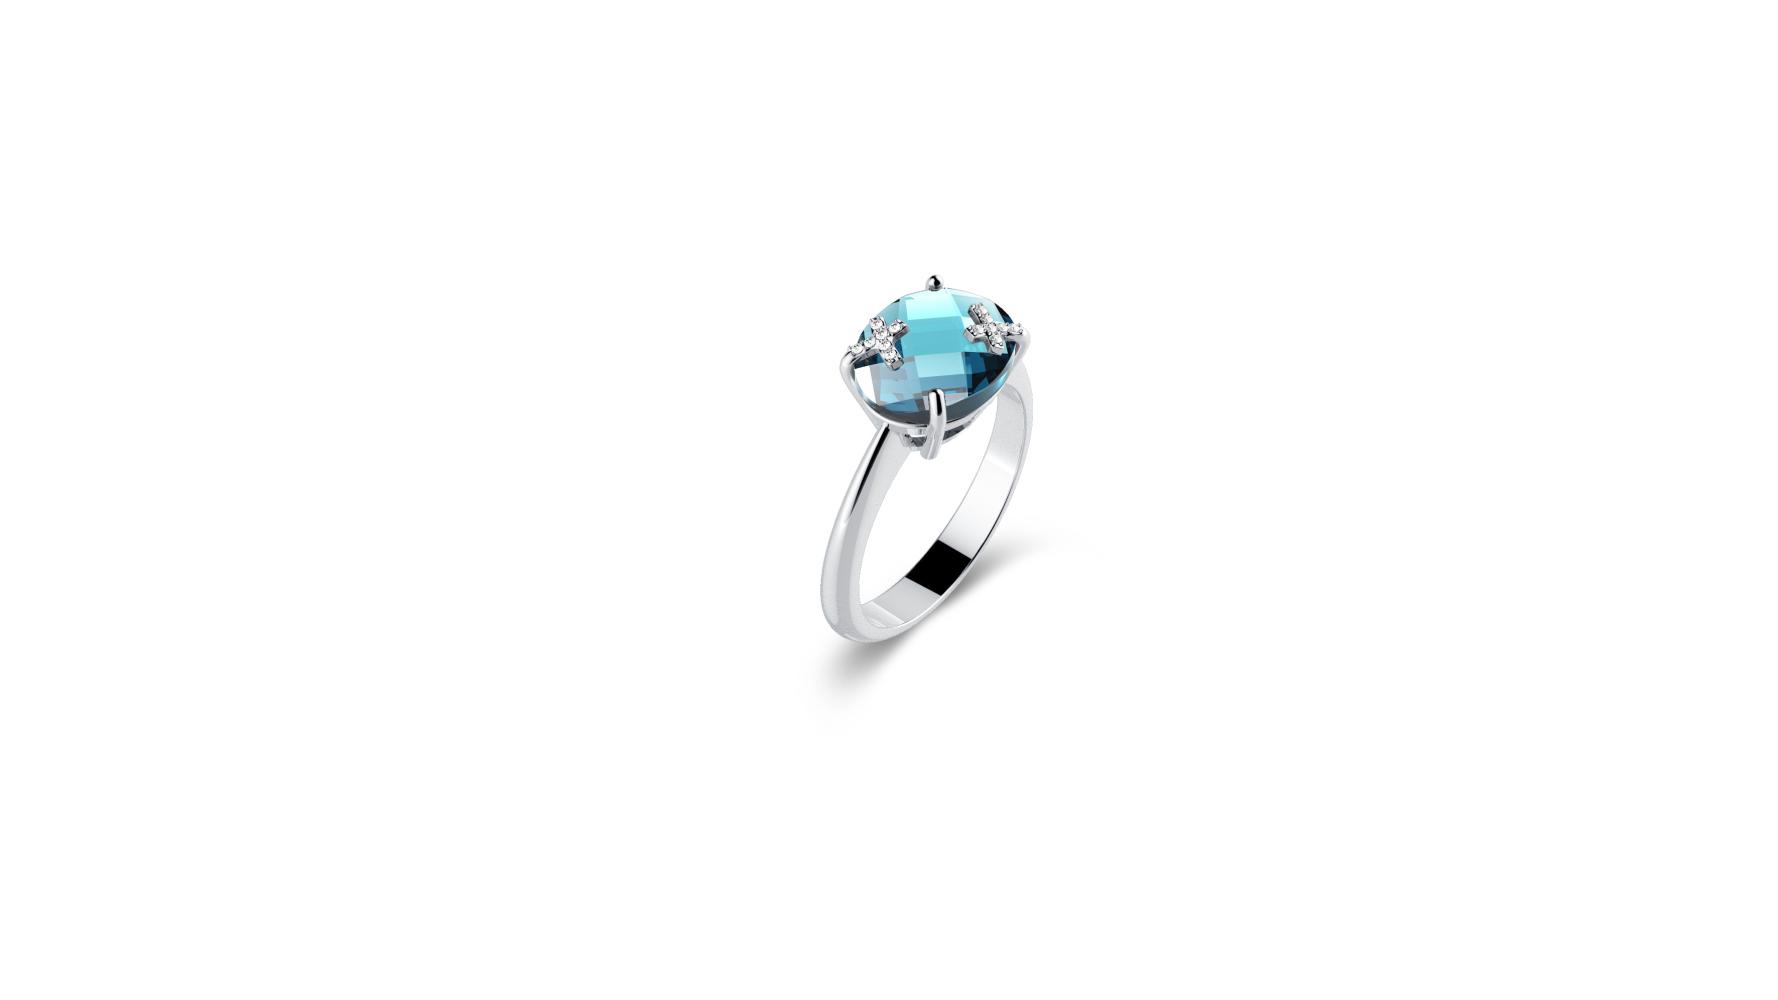 Zlatni prsten s briljantima i topazom_Zaks_ 3.862,50 kn